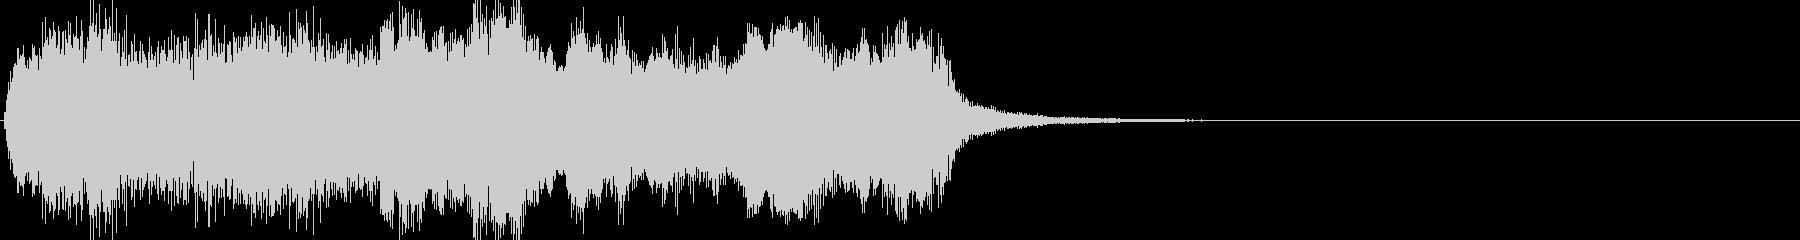 軽い/軽め/小さい ファンファーレ8の未再生の波形